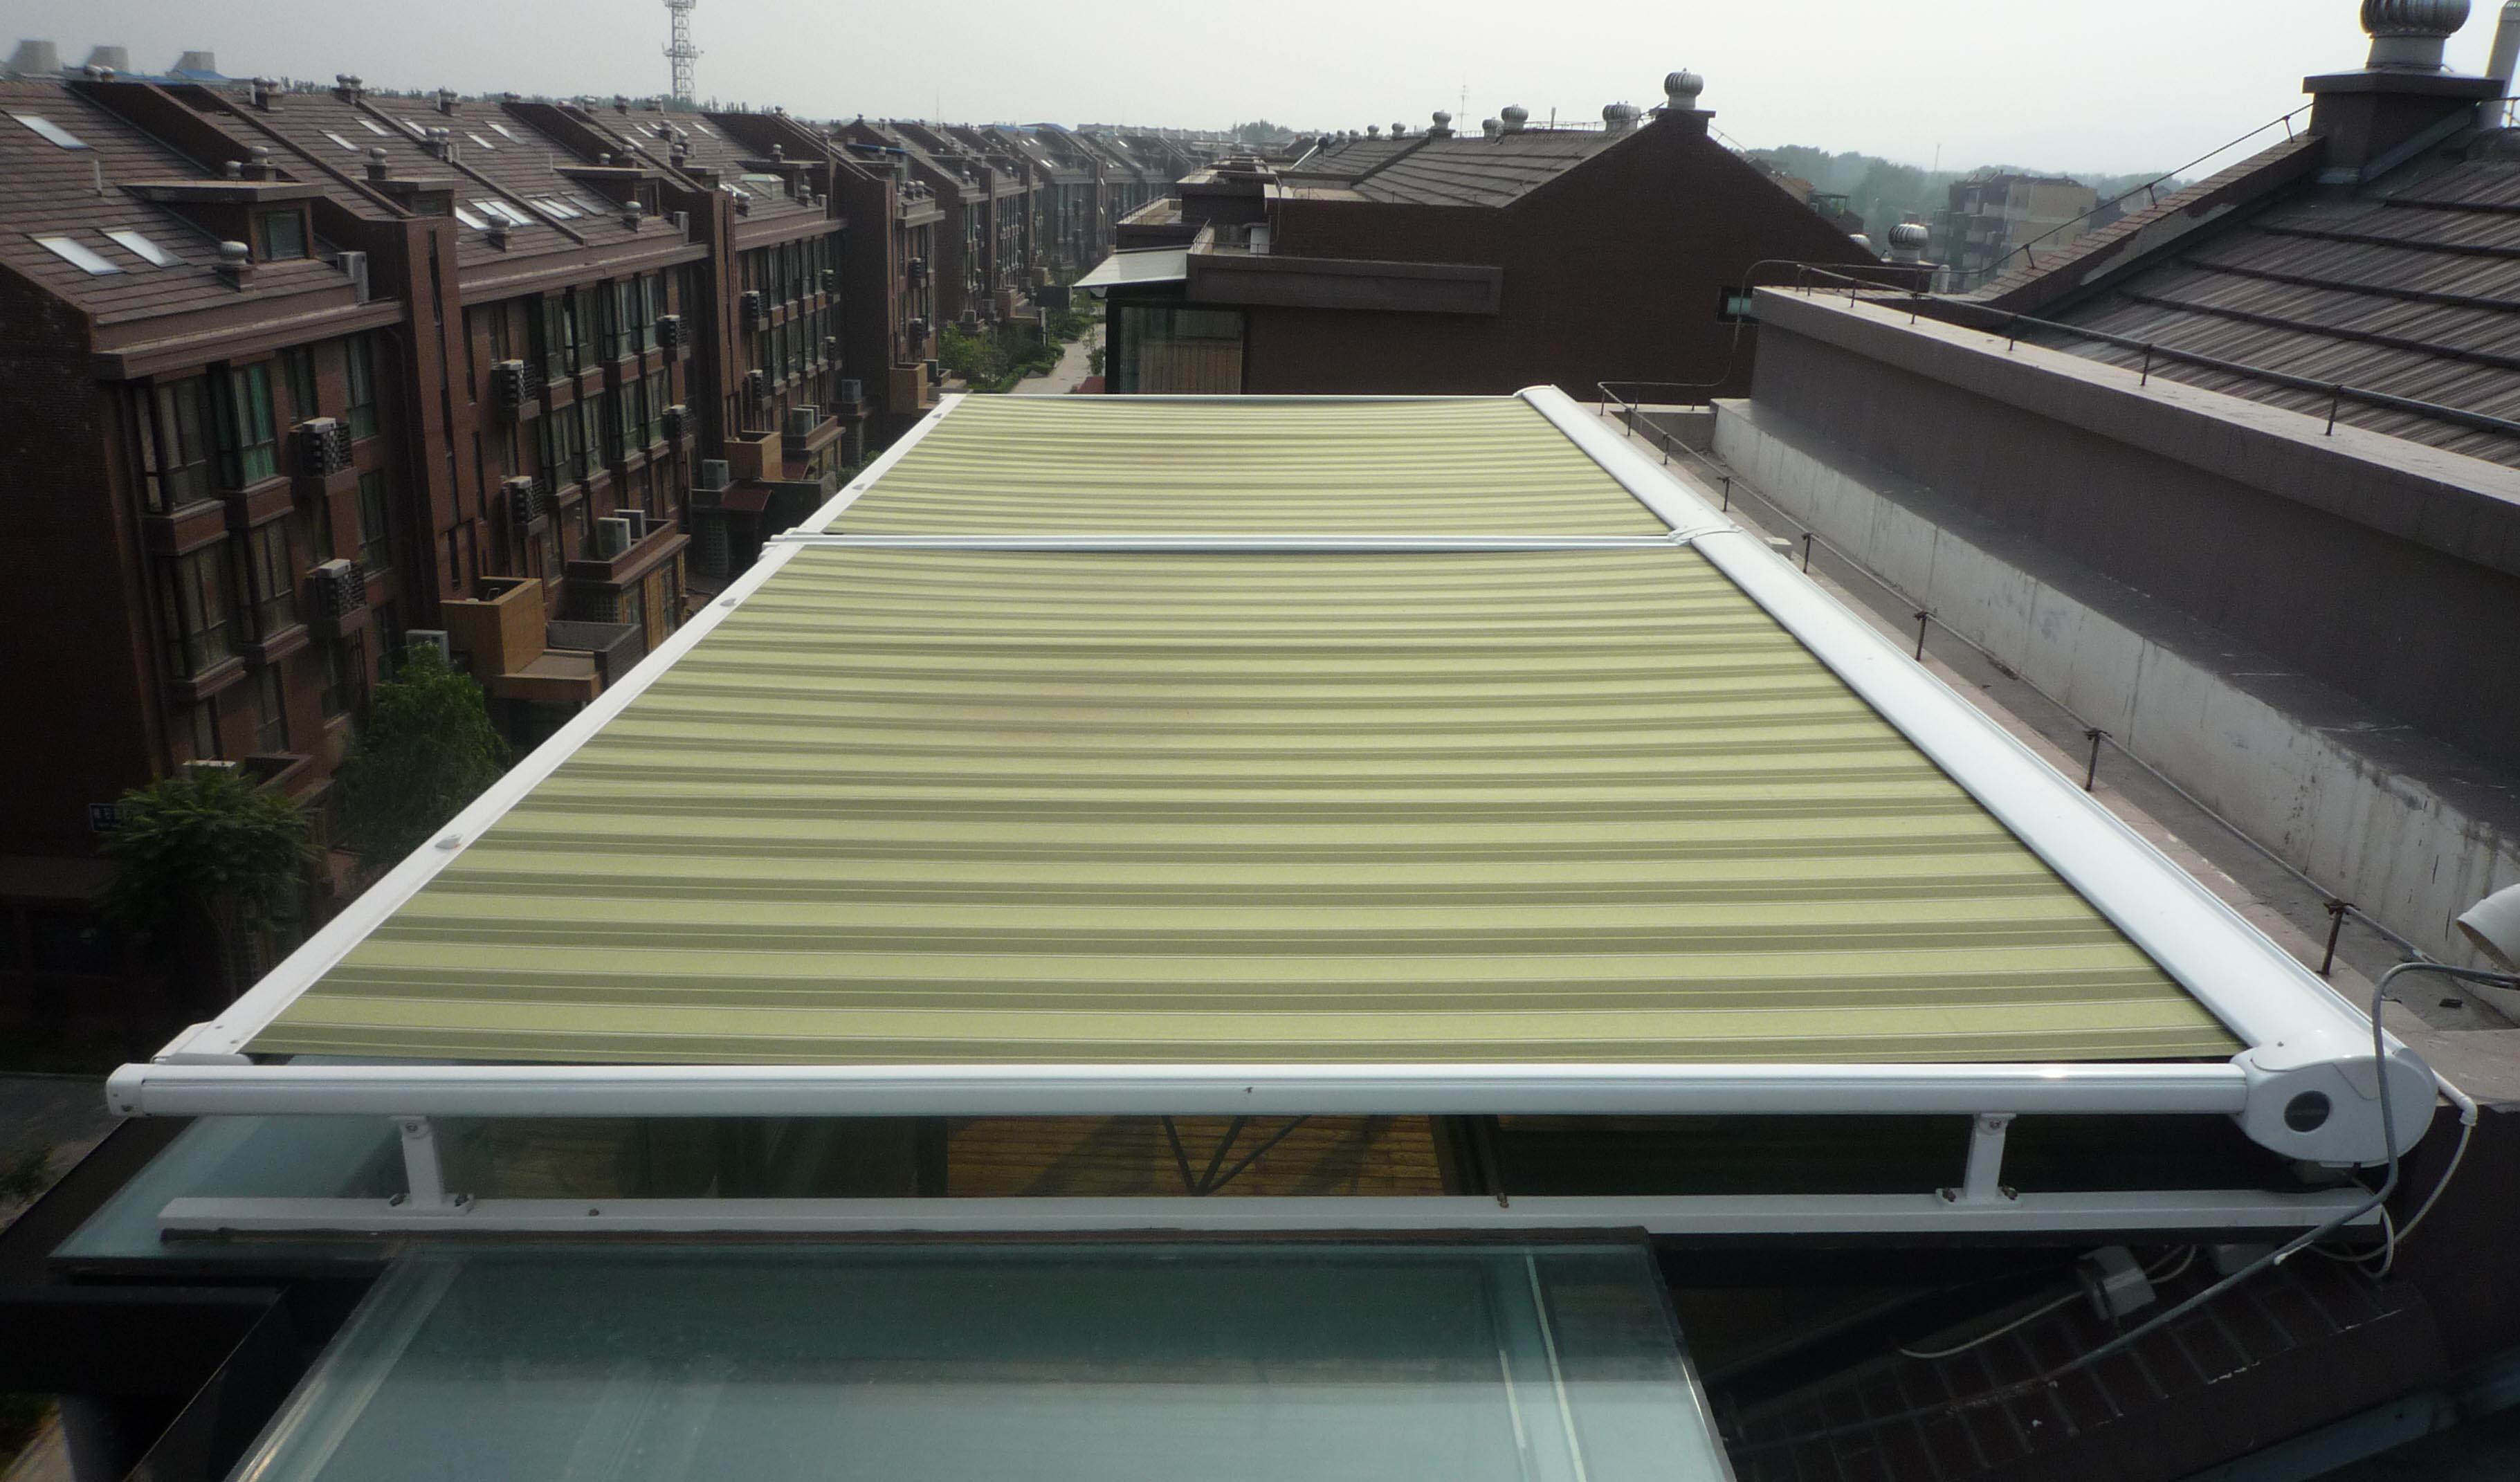 遮阳篷固定篷 - 宁波苏隆膜结构工程有限公司